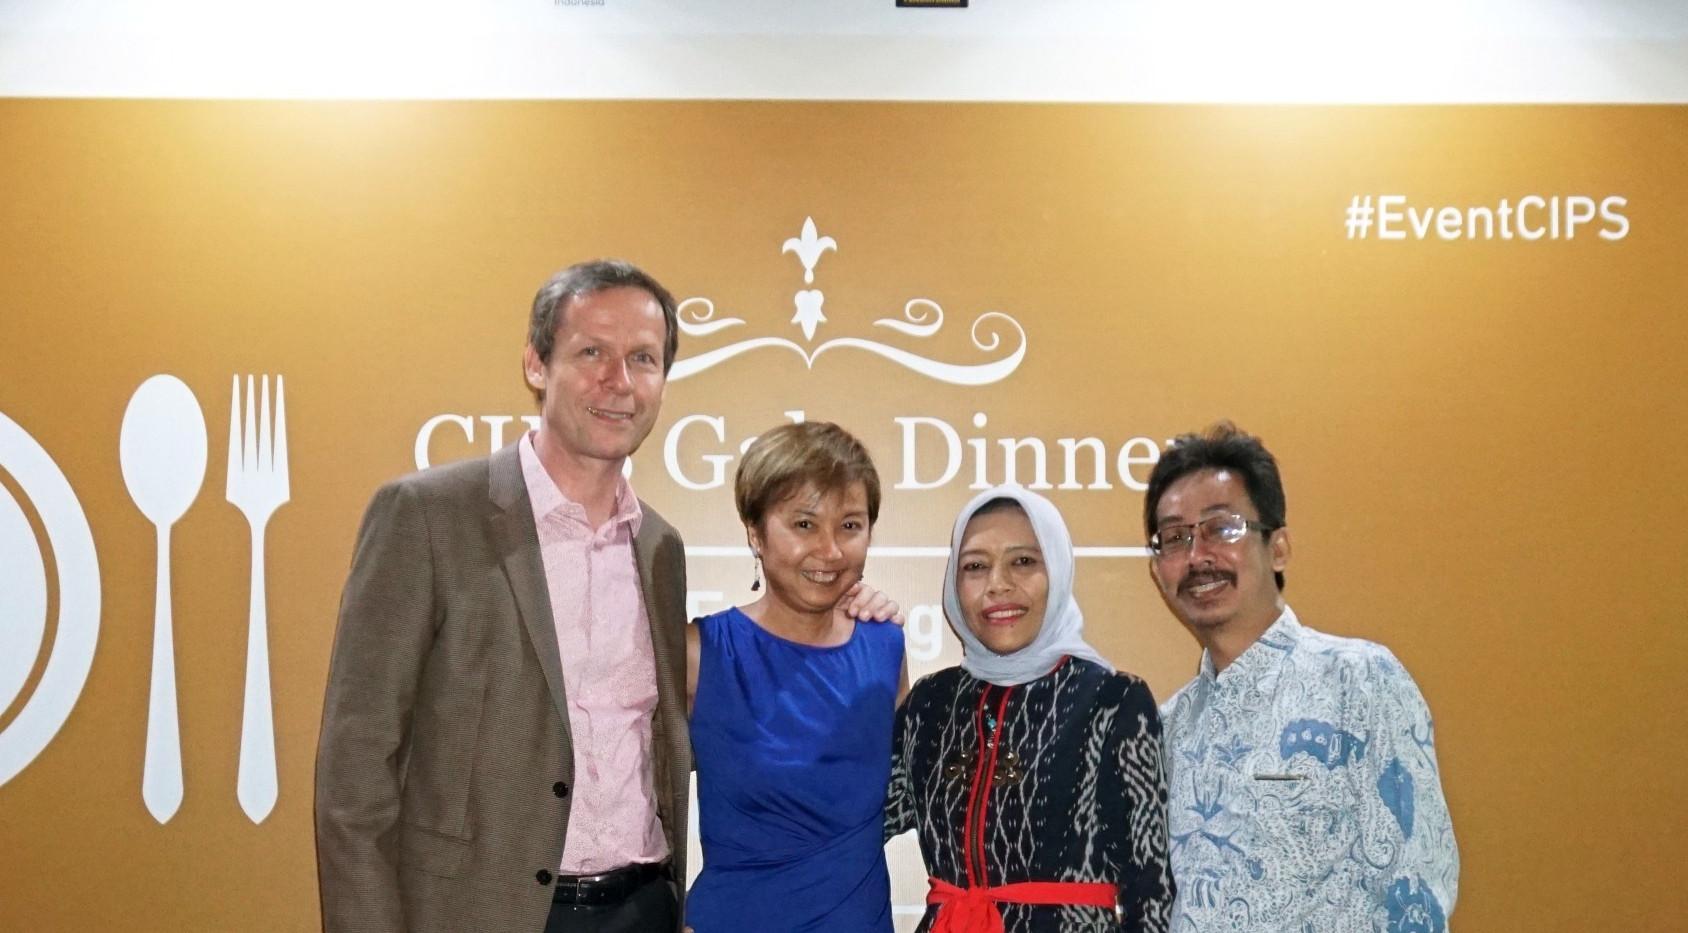 Dua Anggota Dewan CIPS, Bapak Nur Syamsudin dan Ibu. Saidah Sakwan, berfoto bersama dengan Bapak Rainer Heufers dan Ibu Joyce Lim.